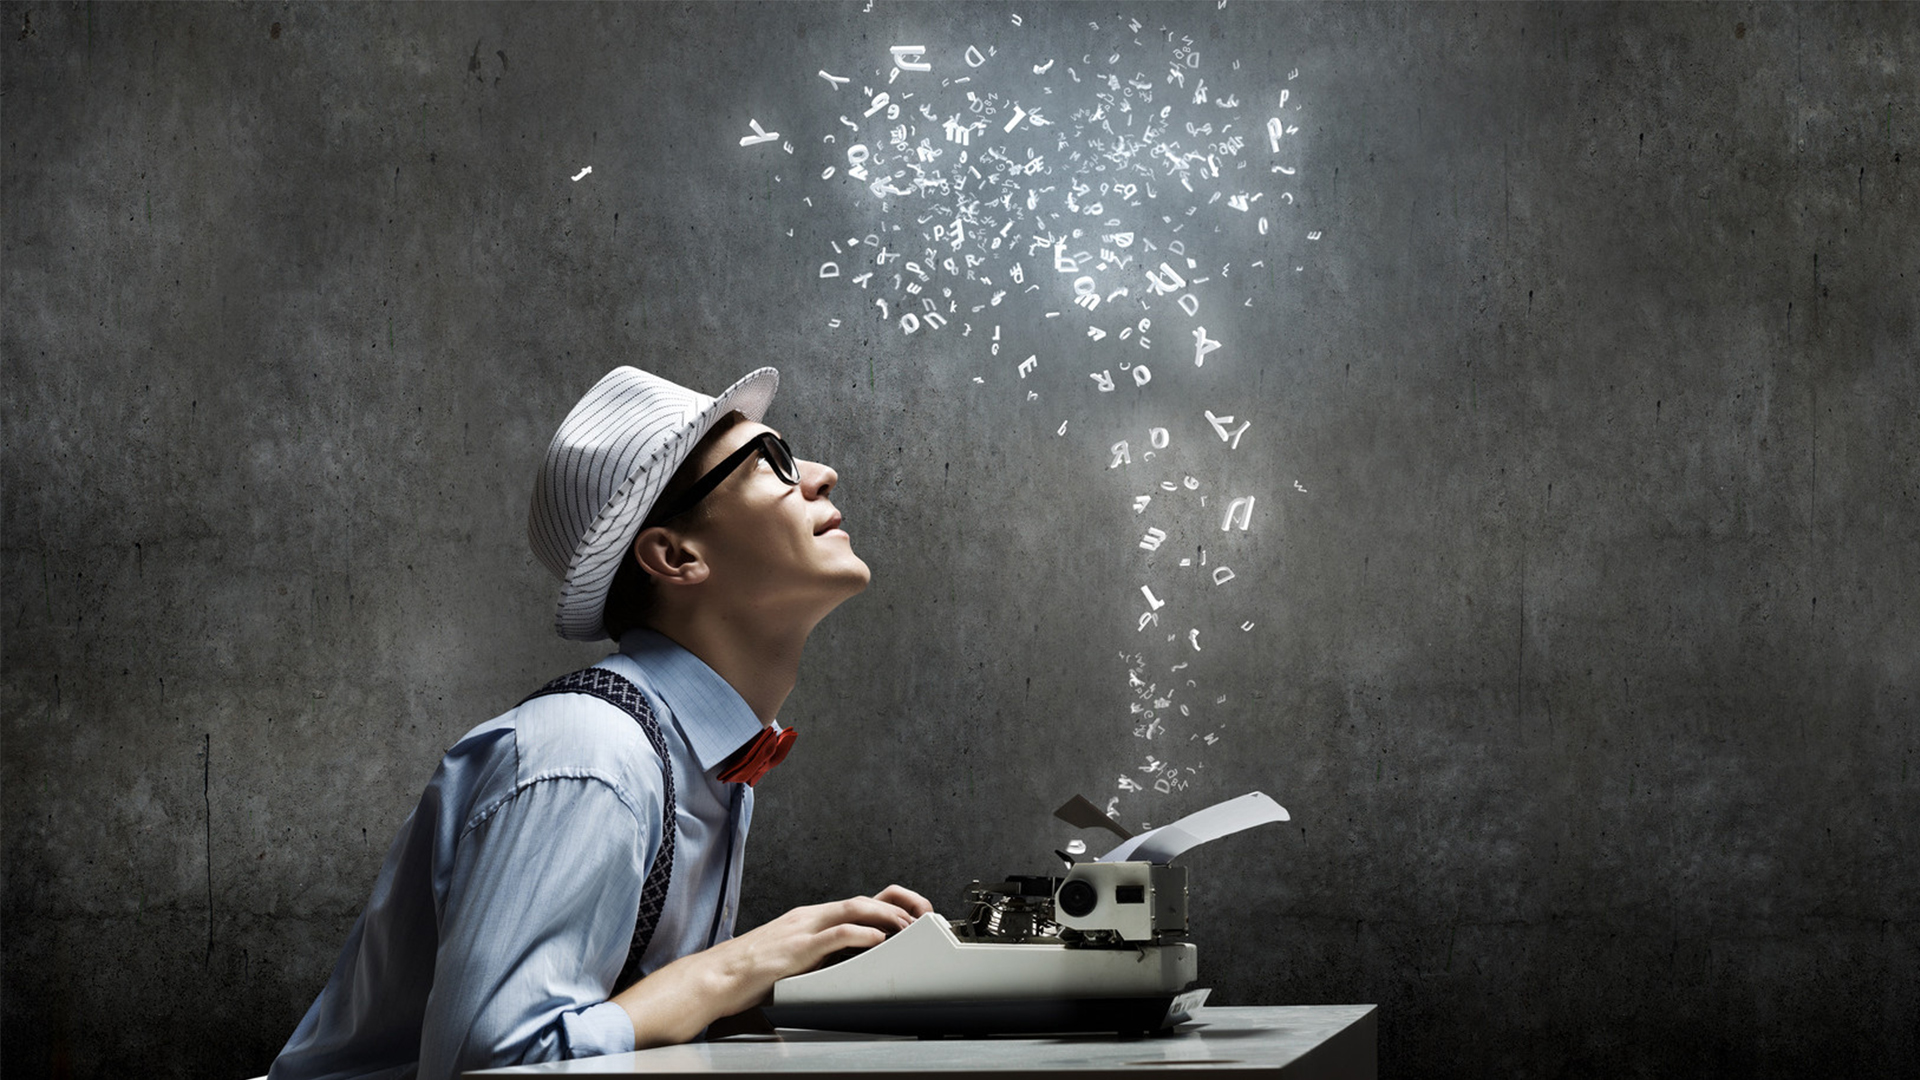 Писателем обычно называют человека, для которого указанное занятие является основным либо одним из основных